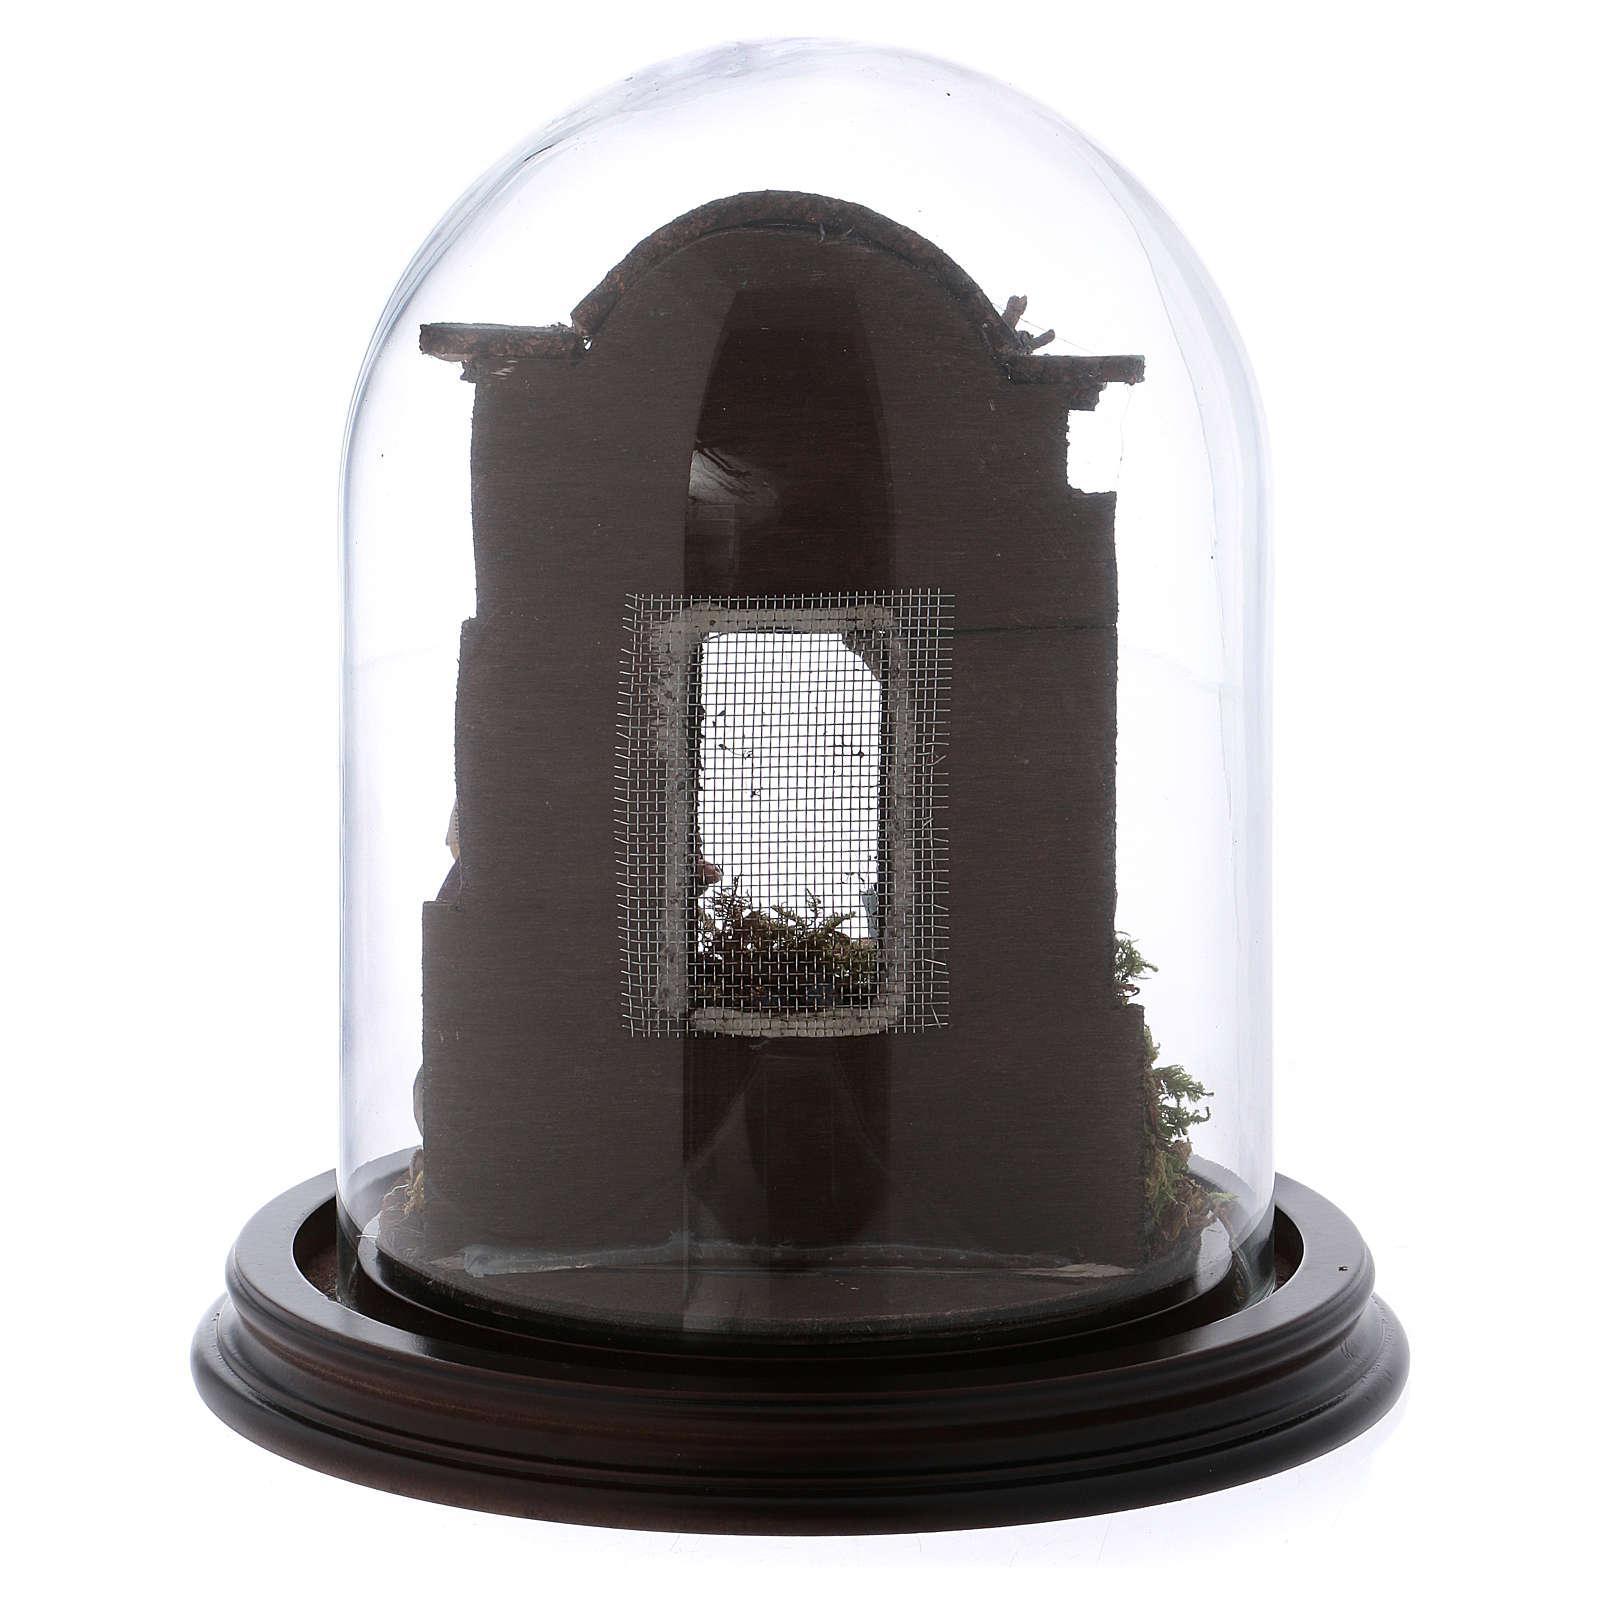 Natività scena in campana di vetro presepe napoletano 8 cm 4